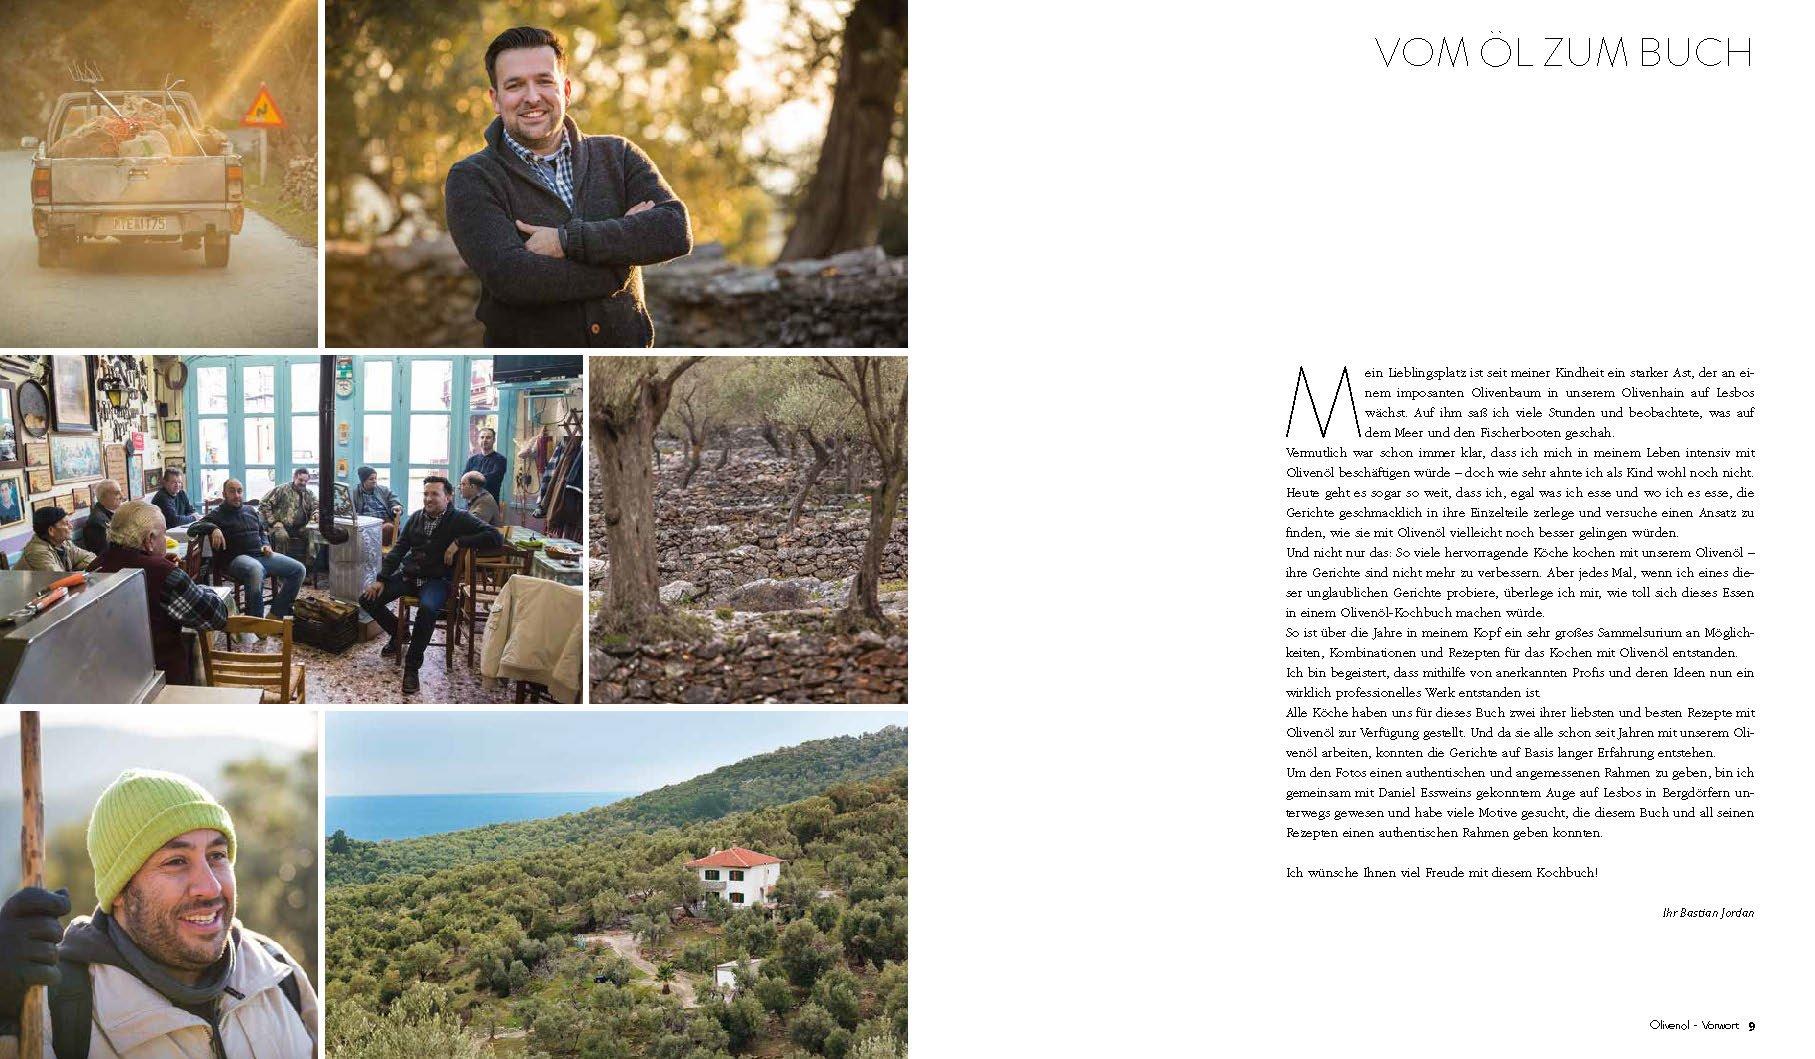 Olivenöl Kochbuch Bastian Jordan Story